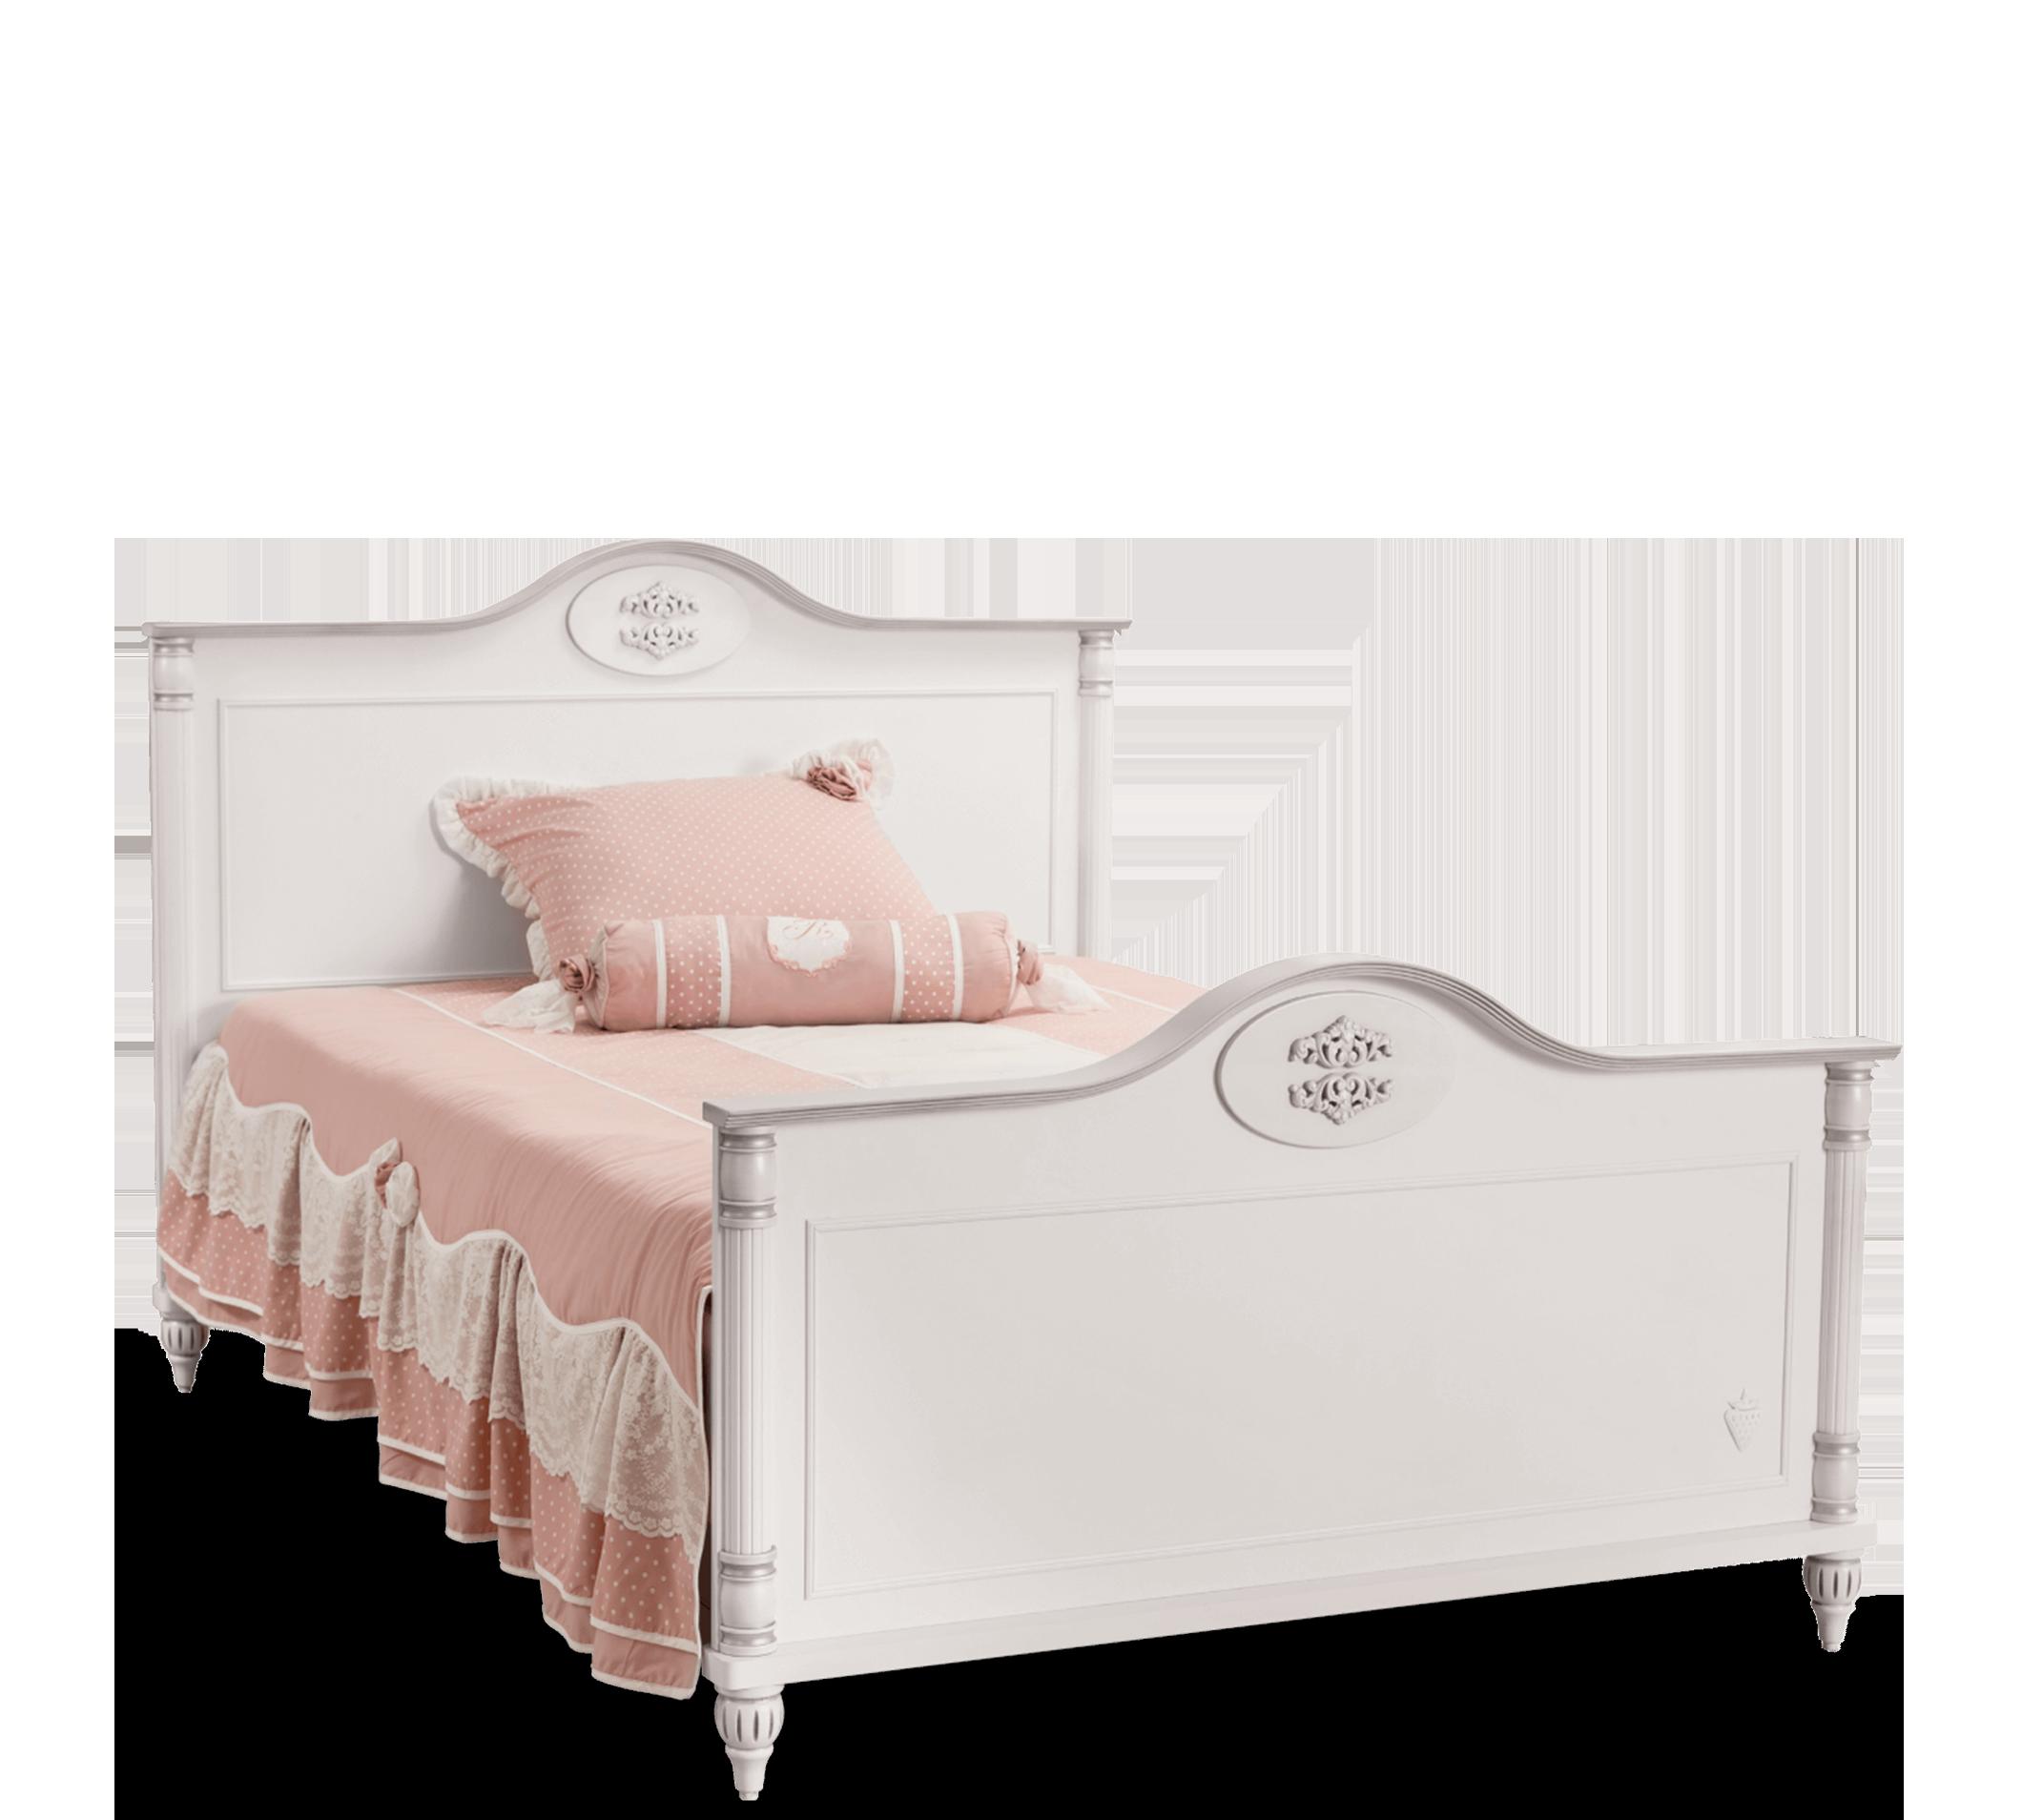 Full Size of Bettgestell 120x200 Romantic Bett Cm Lek Mit Bettkasten Weiß Matratze Und Lattenrost Betten Wohnzimmer Bettgestell 120x200